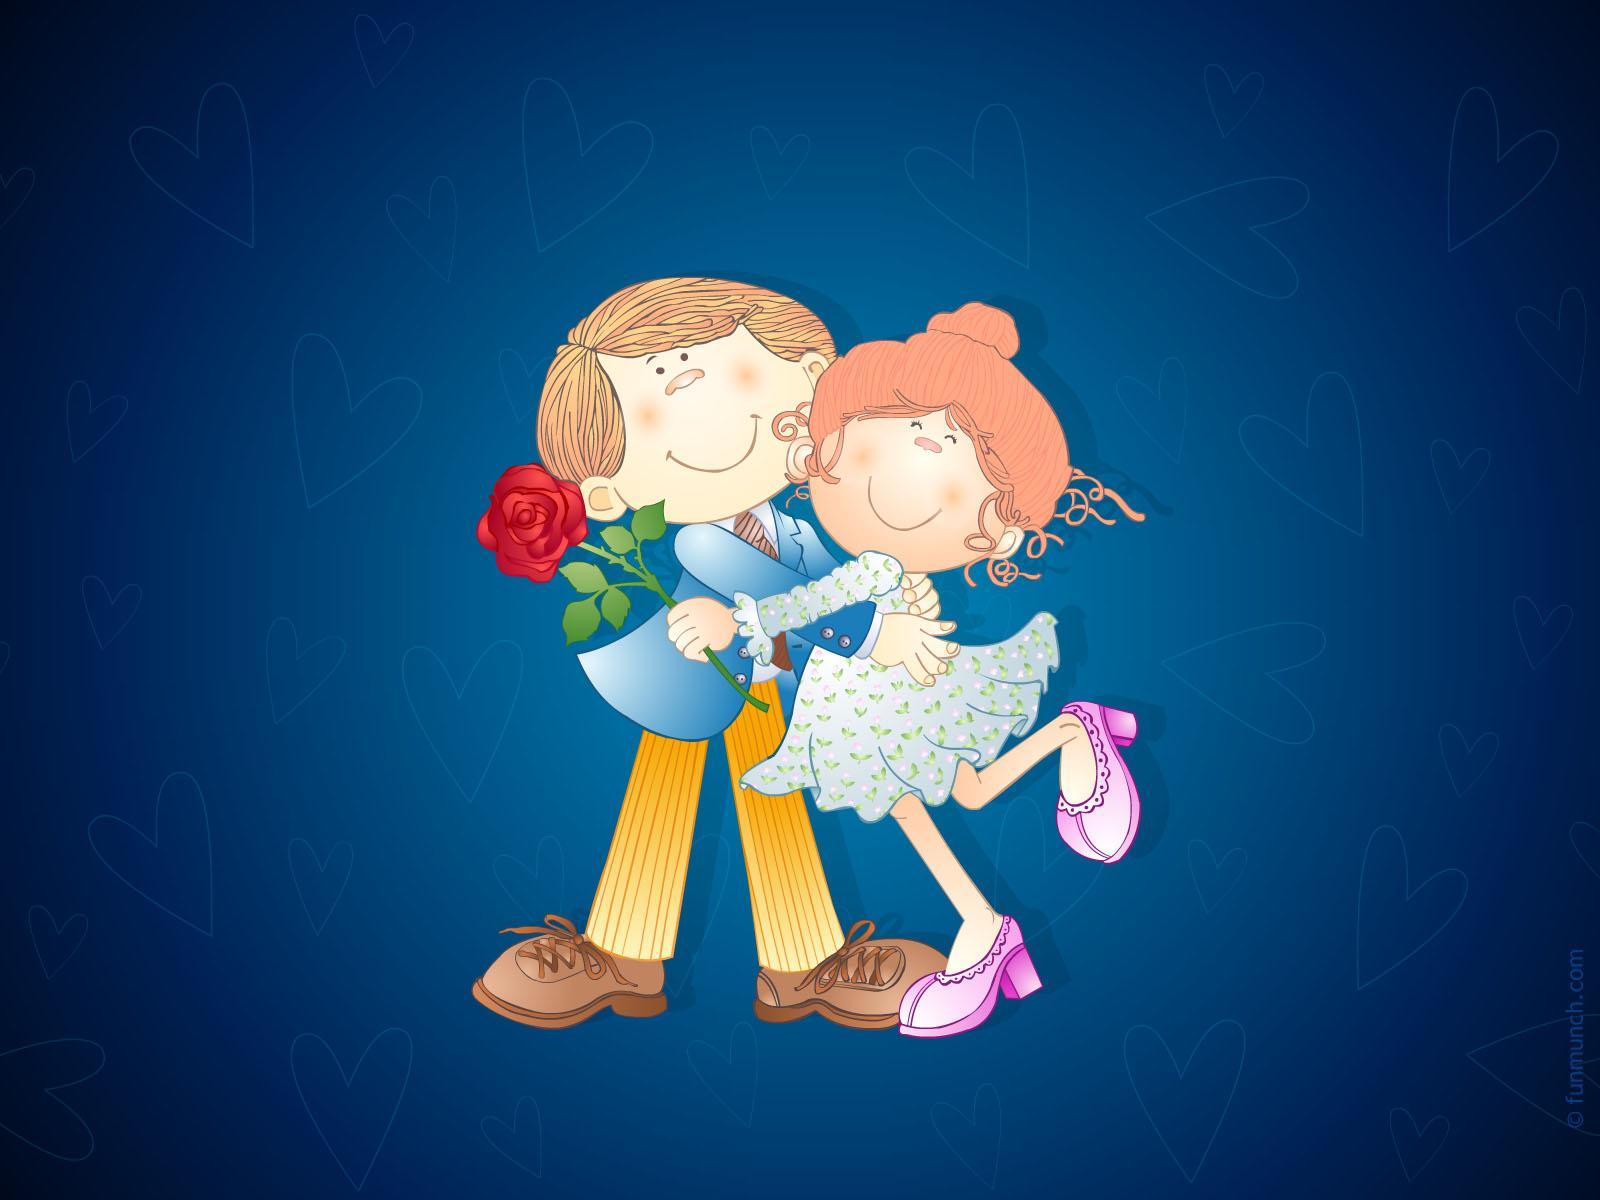 http://2.bp.blogspot.com/_5KxNTcXdreM/TNEtk0MHQXI/AAAAAAAACzE/Wvm2e-T-IJc/s1600/3Jokes_Love_Wallpaper_9.jpg